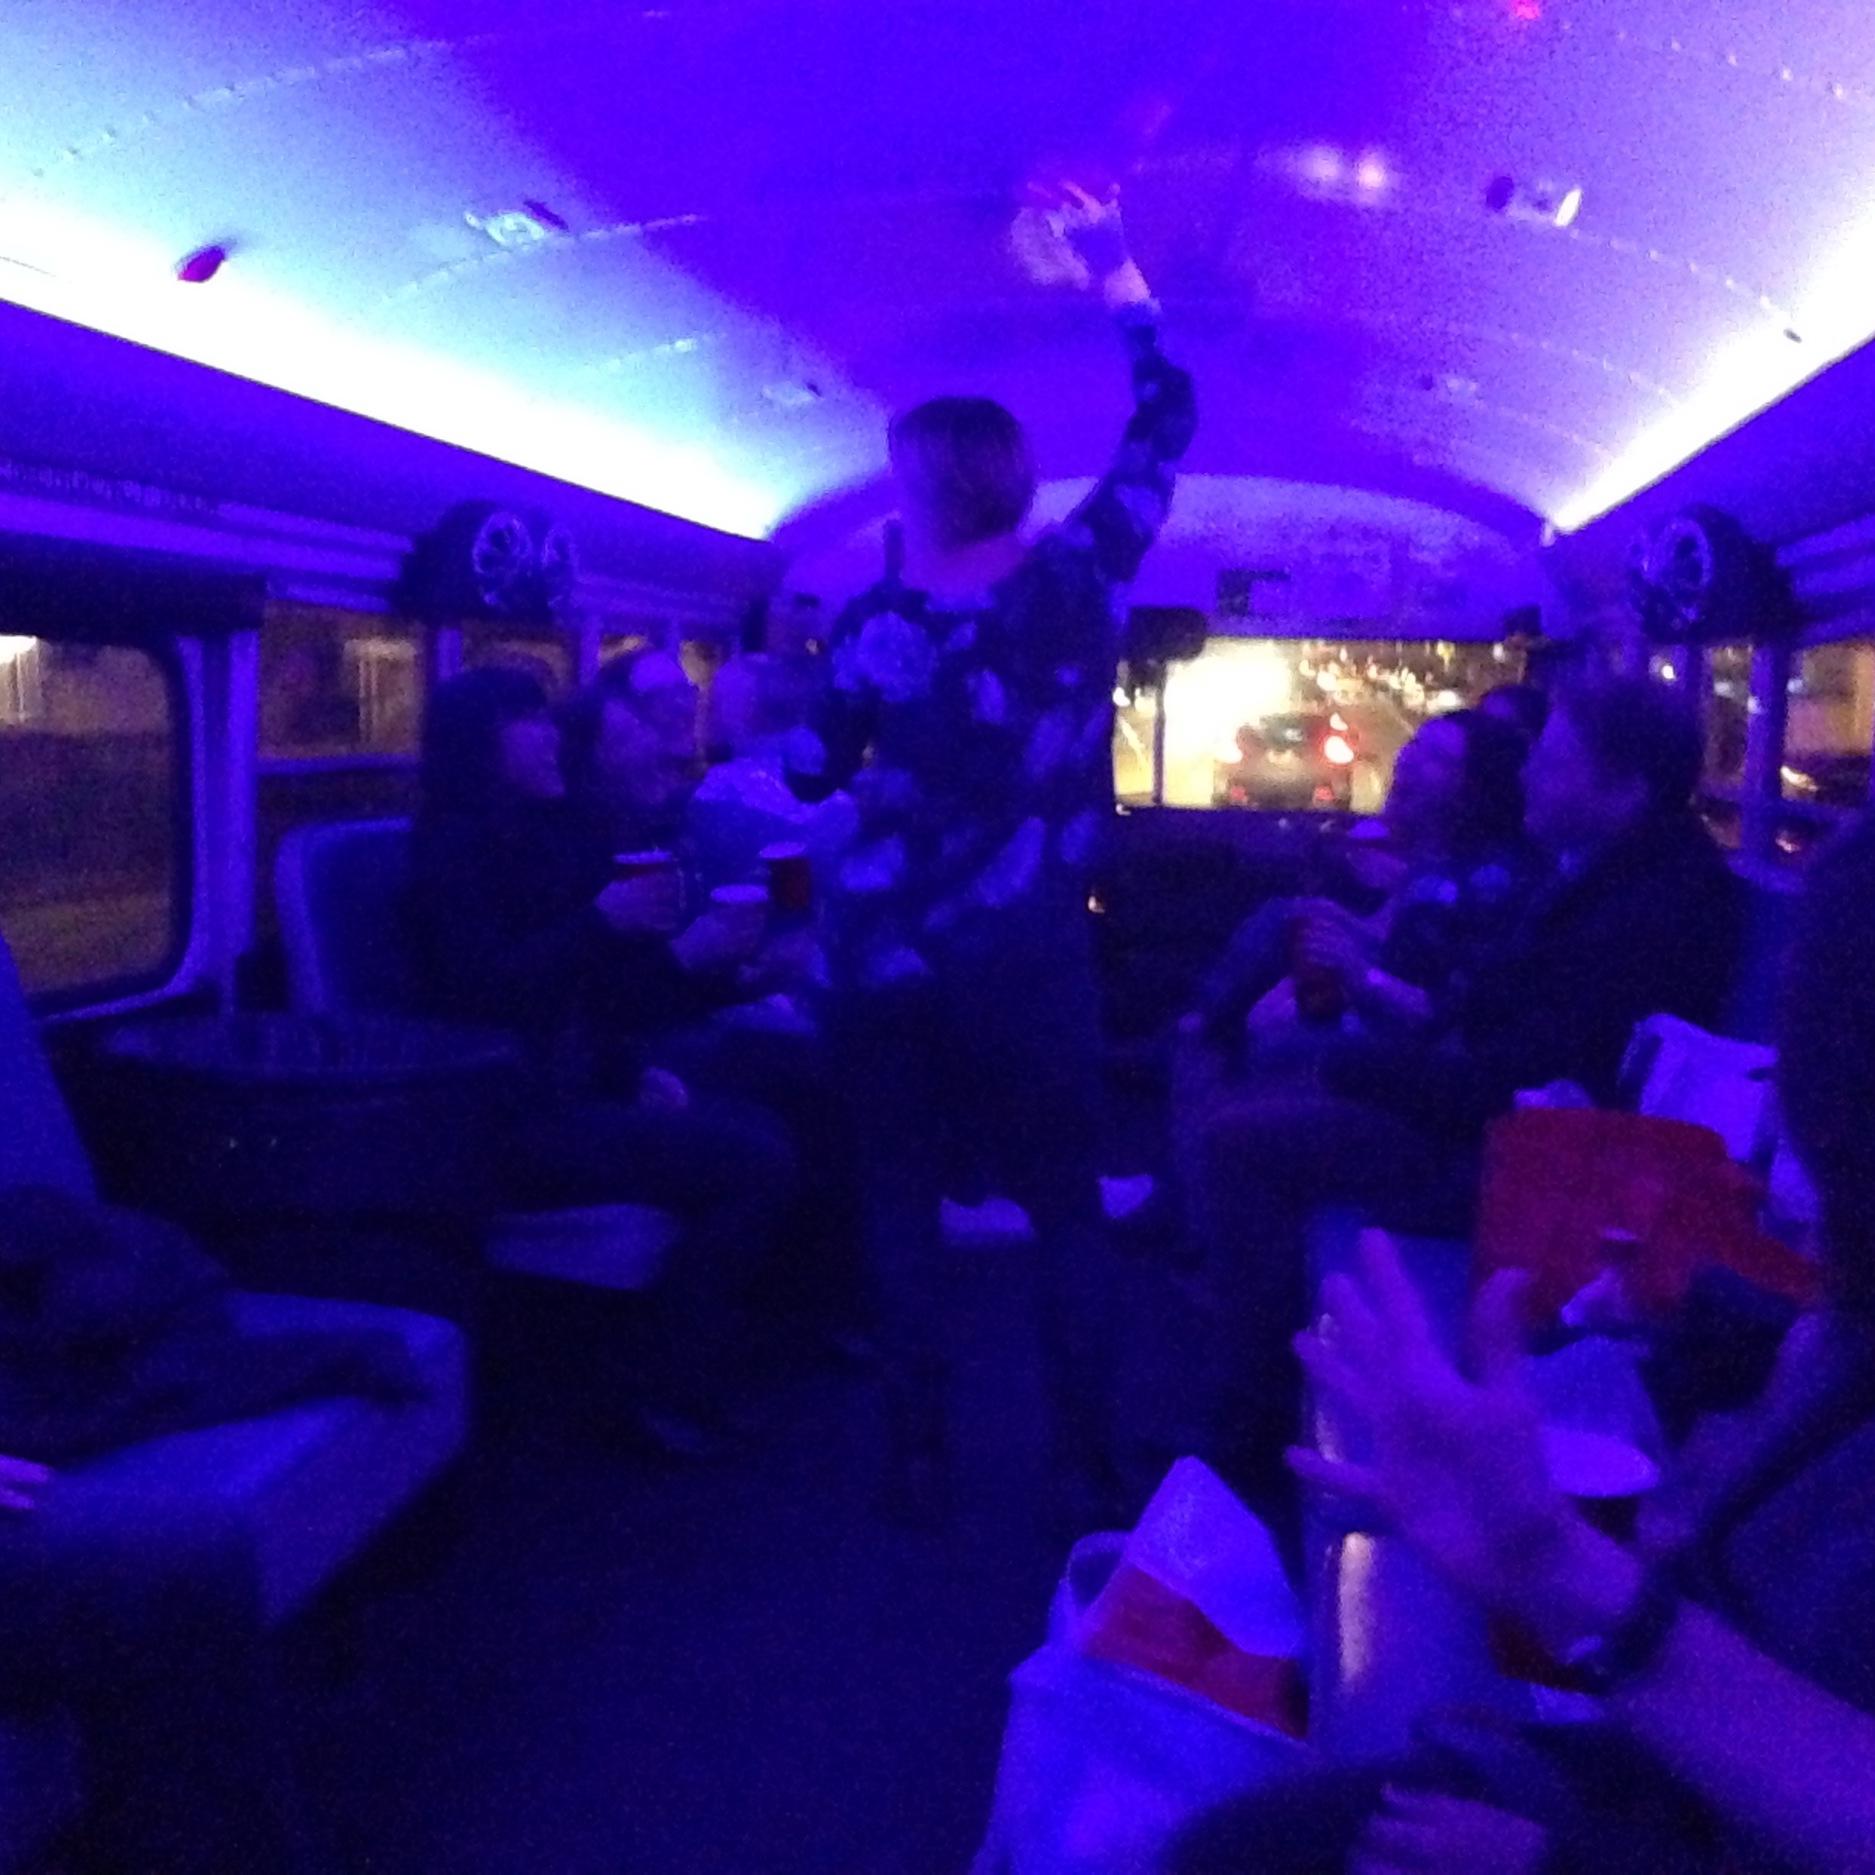 Bus a move